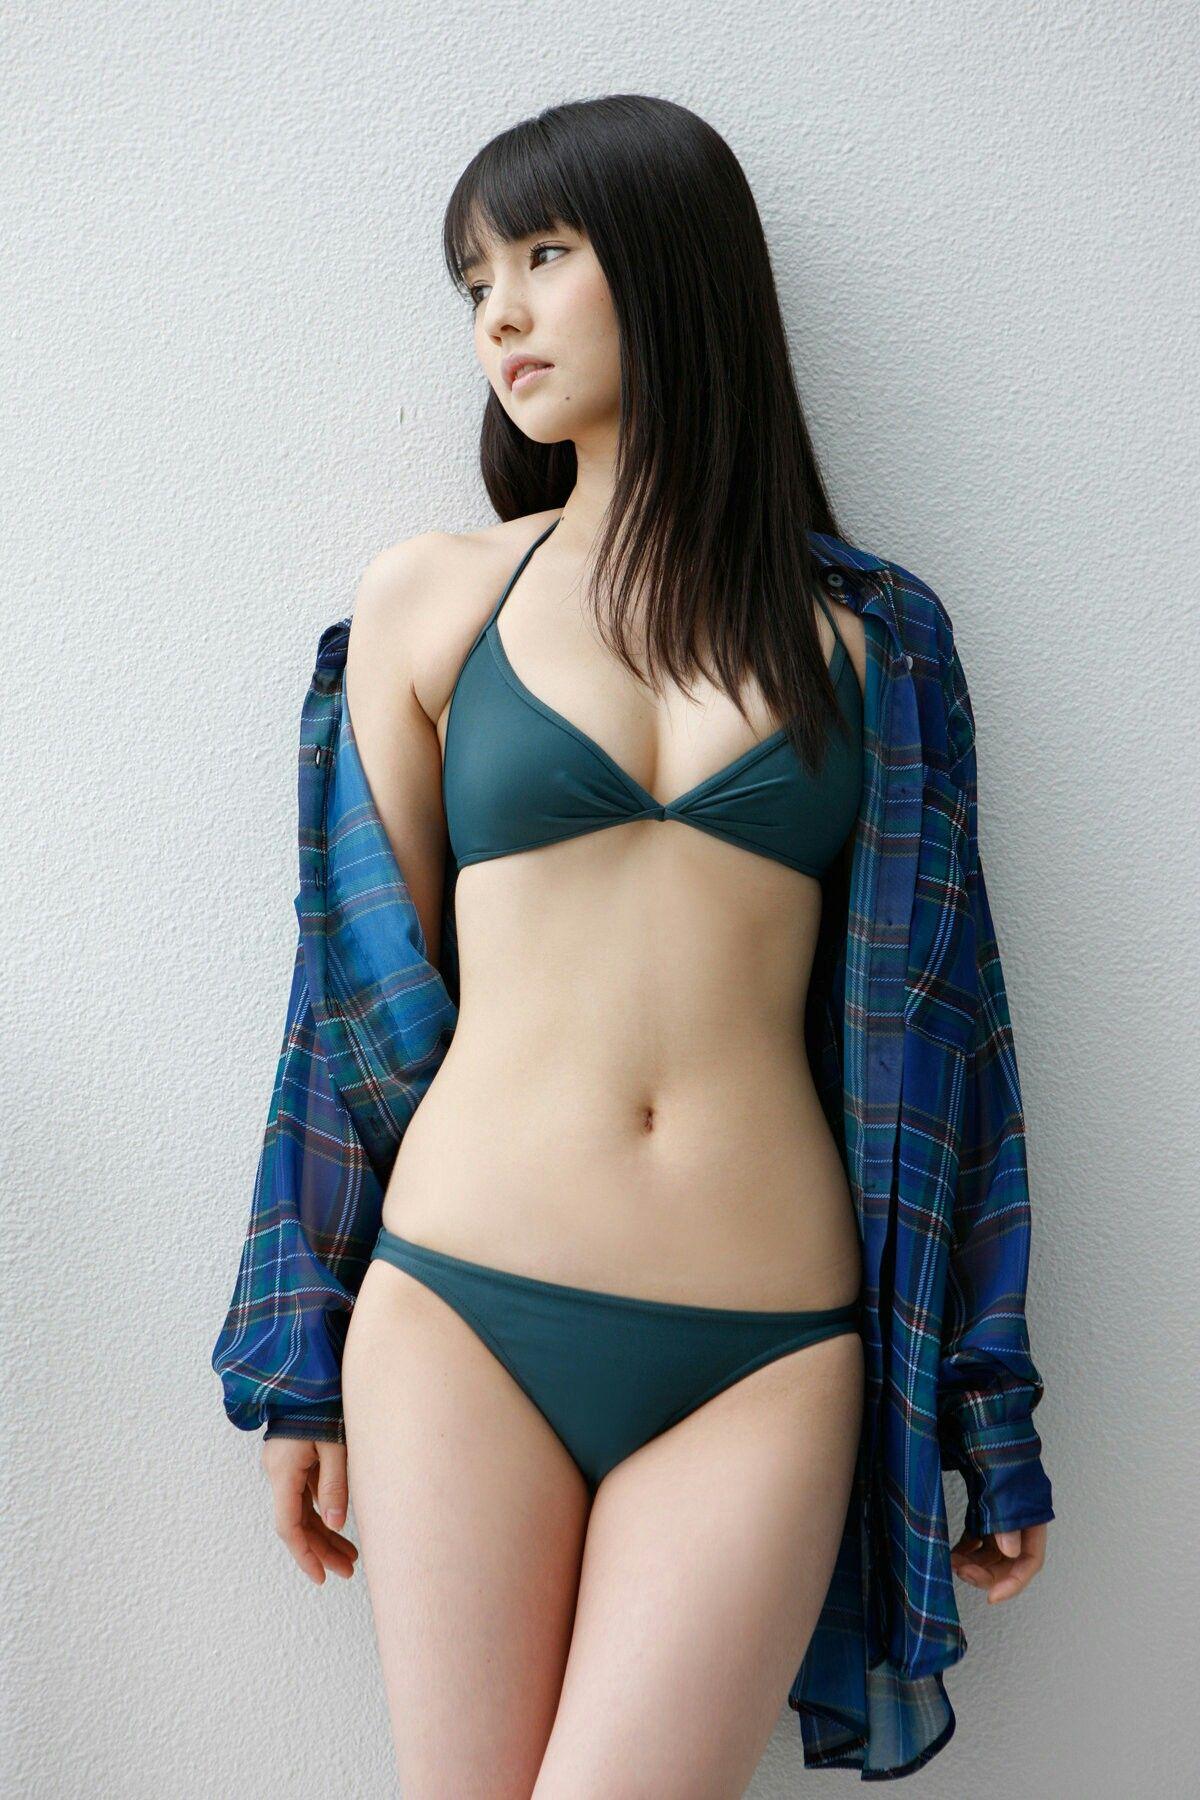 Pin oleh Roy Dharmawan di stuff | Gadis bikini, Mode wanita, Wanita